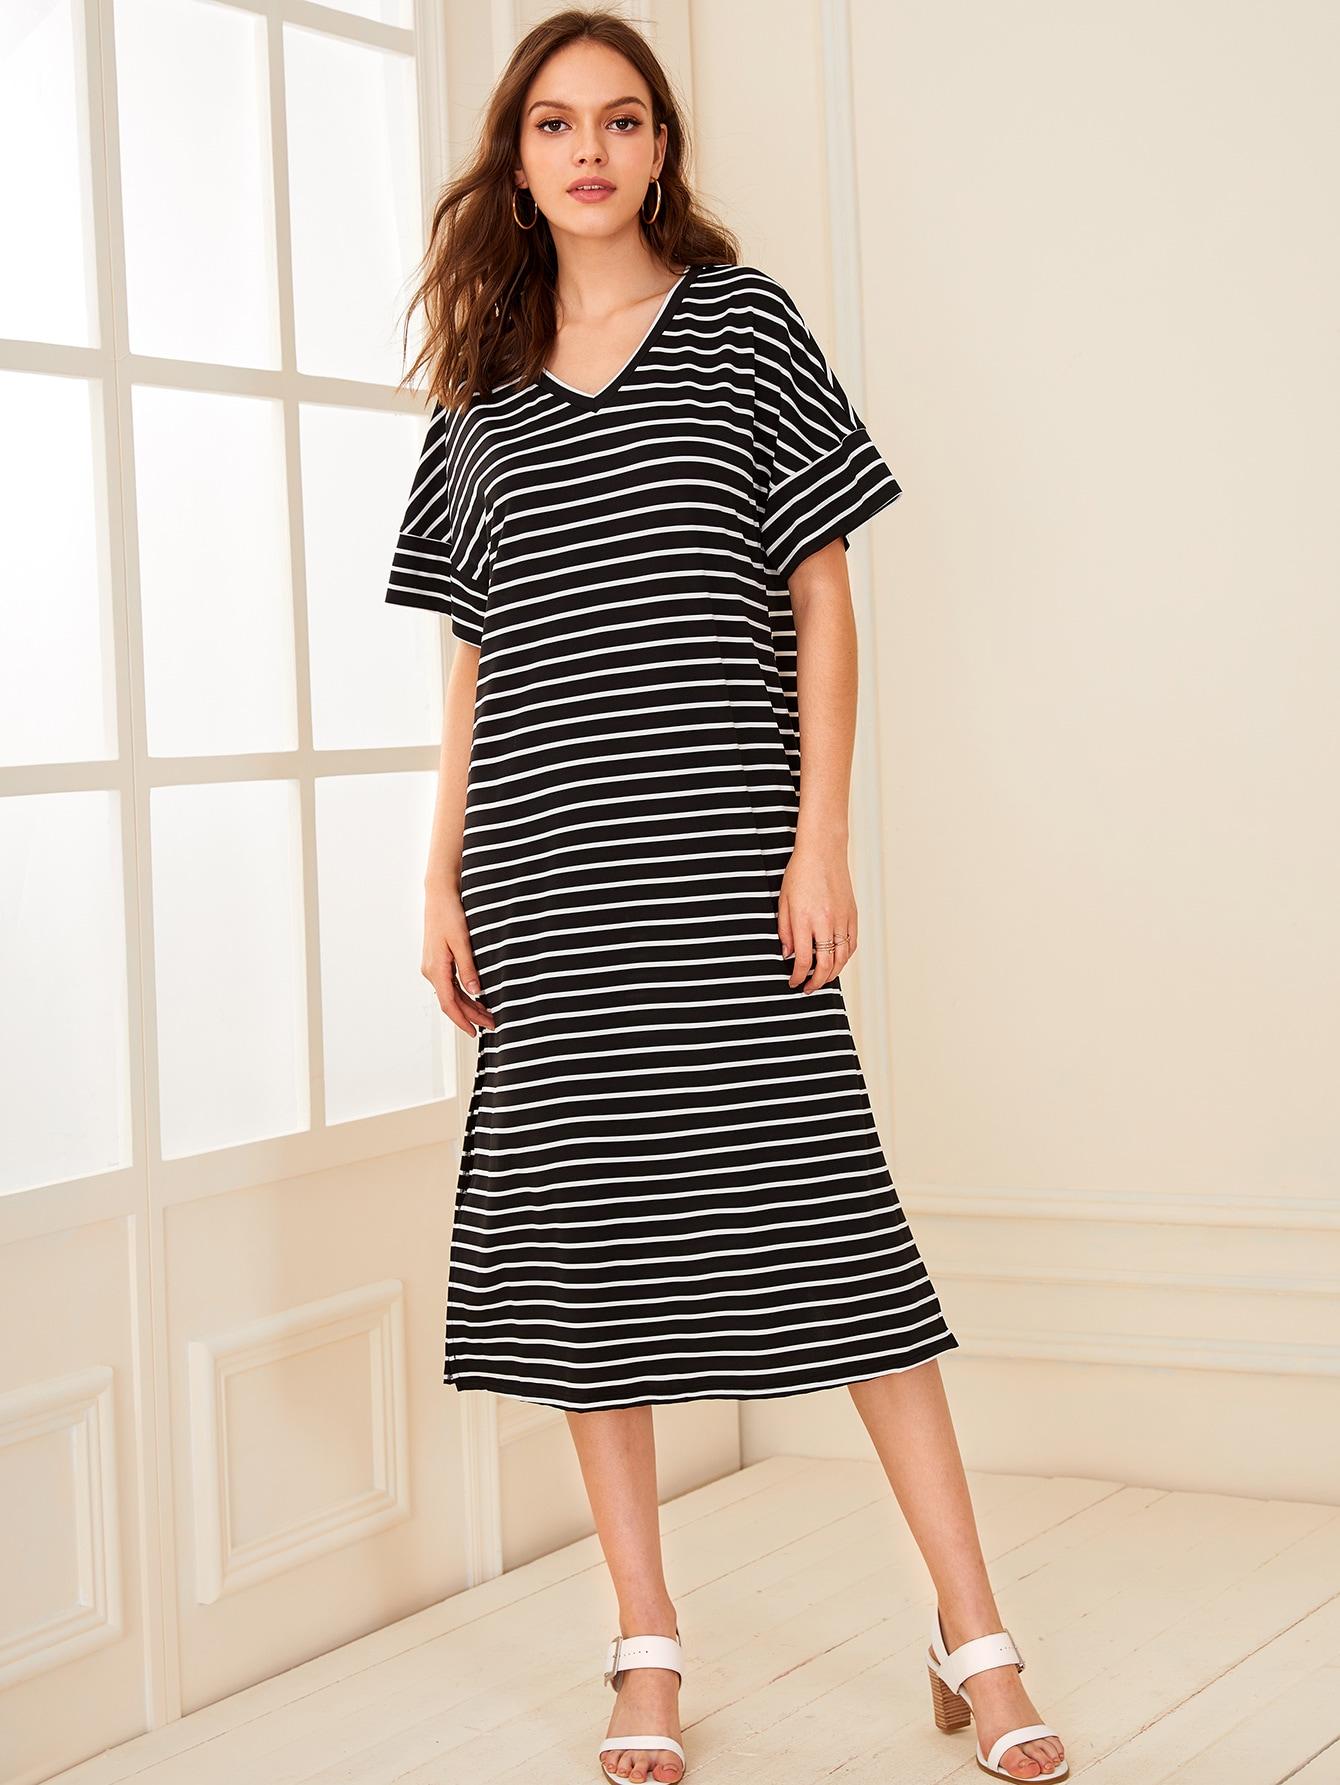 Фото - Полосатое платье с разрезом сбоку от SheIn цвет чёрнобелые